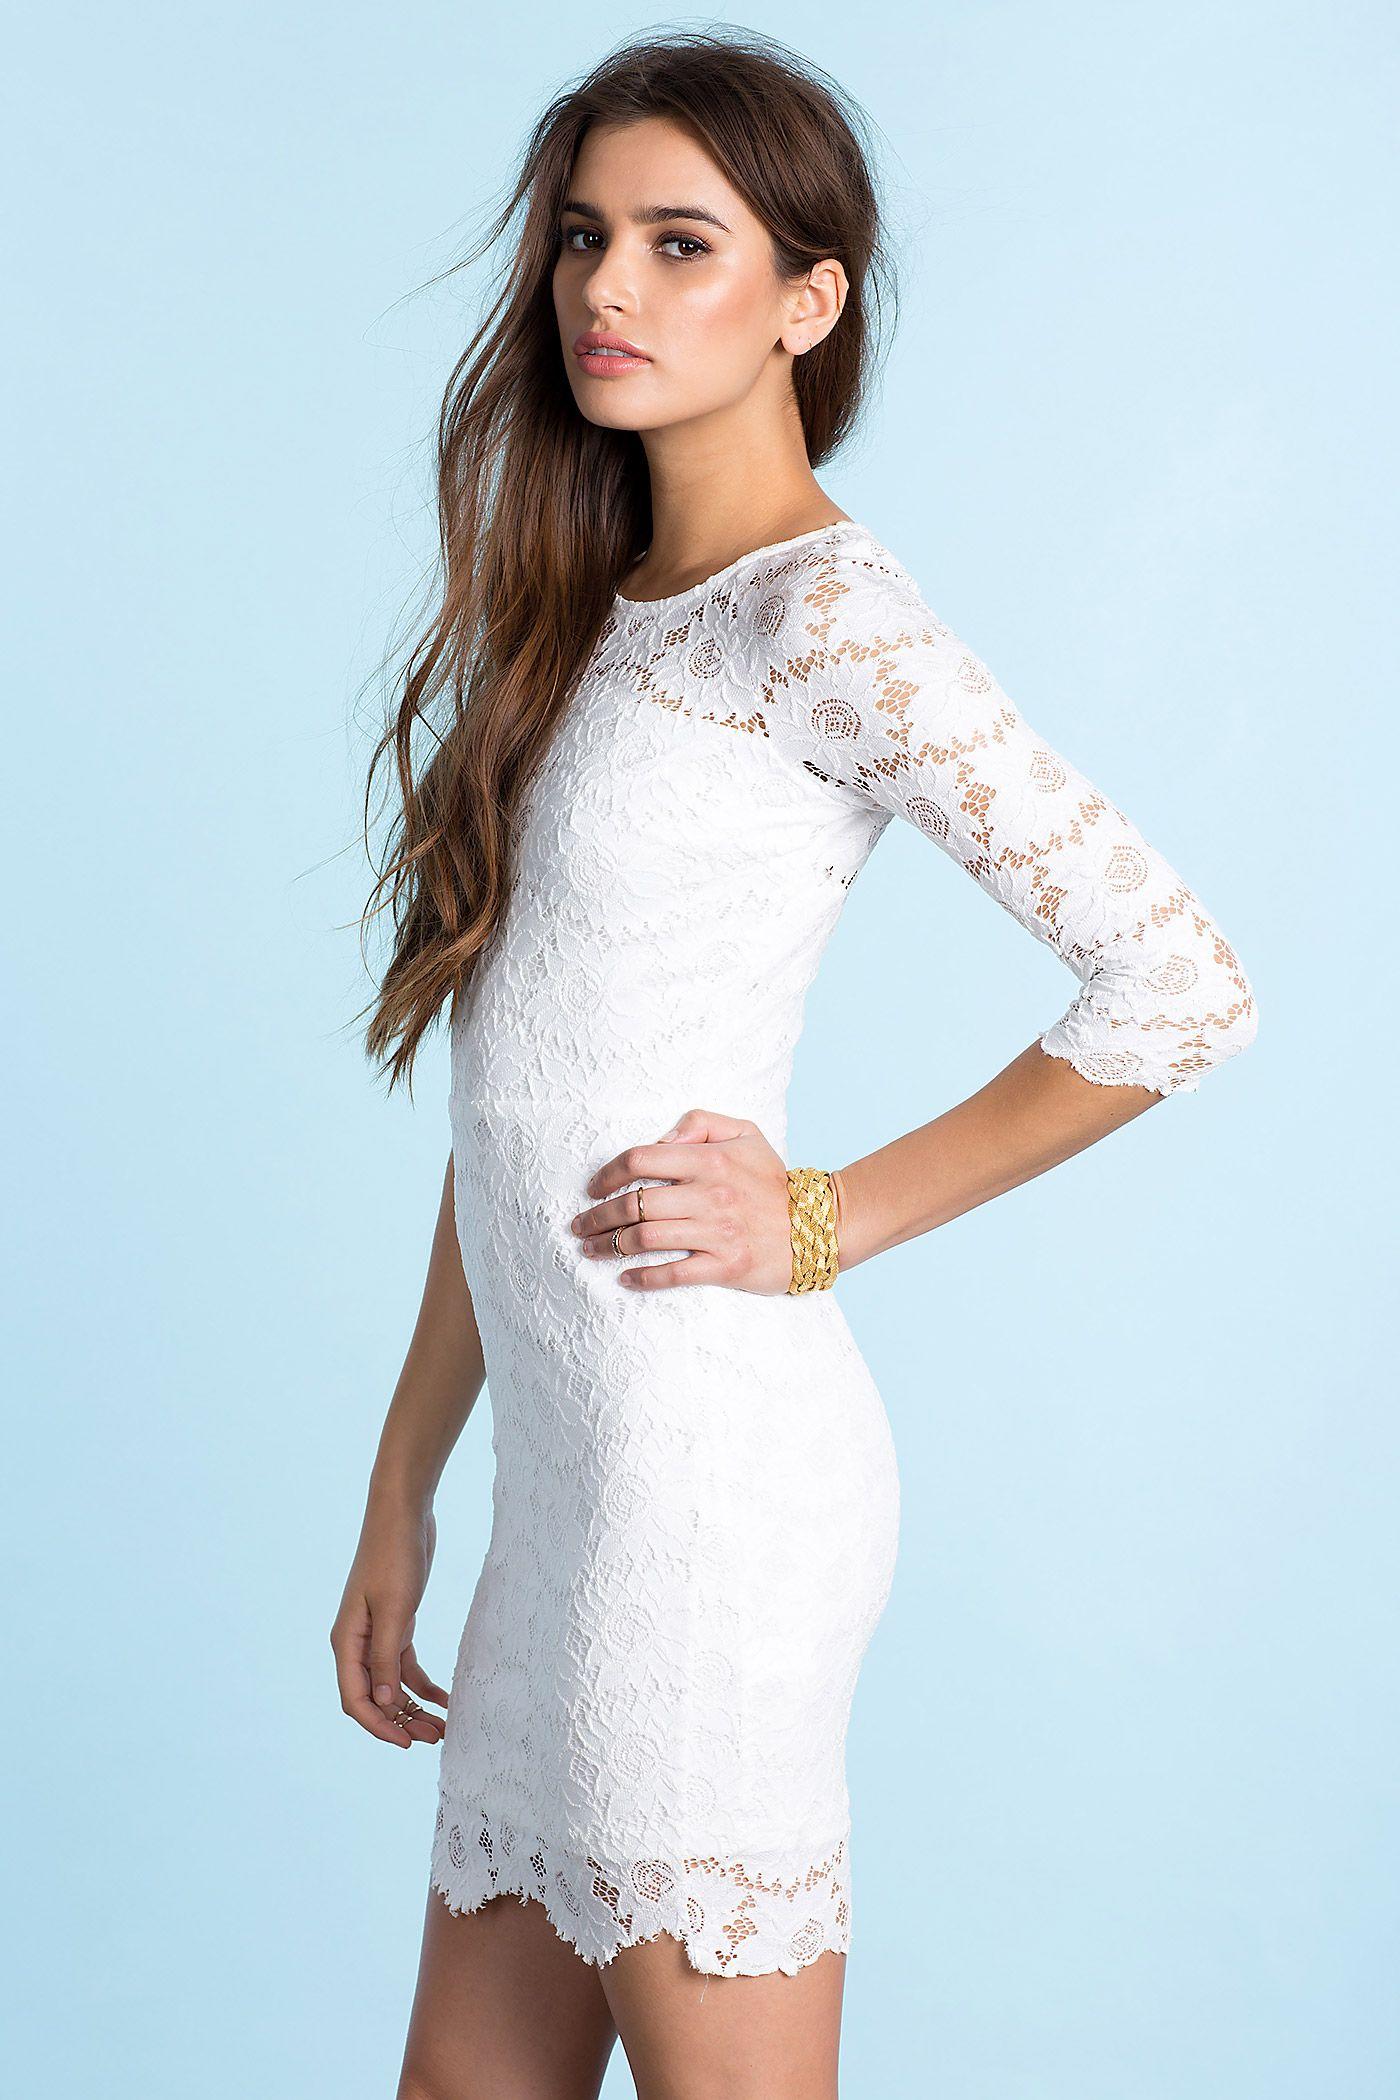 fd57387f156b31b Кружевное платье Размеры: M, L Цвет: белый Цена: 2210 руб. #одежда ...